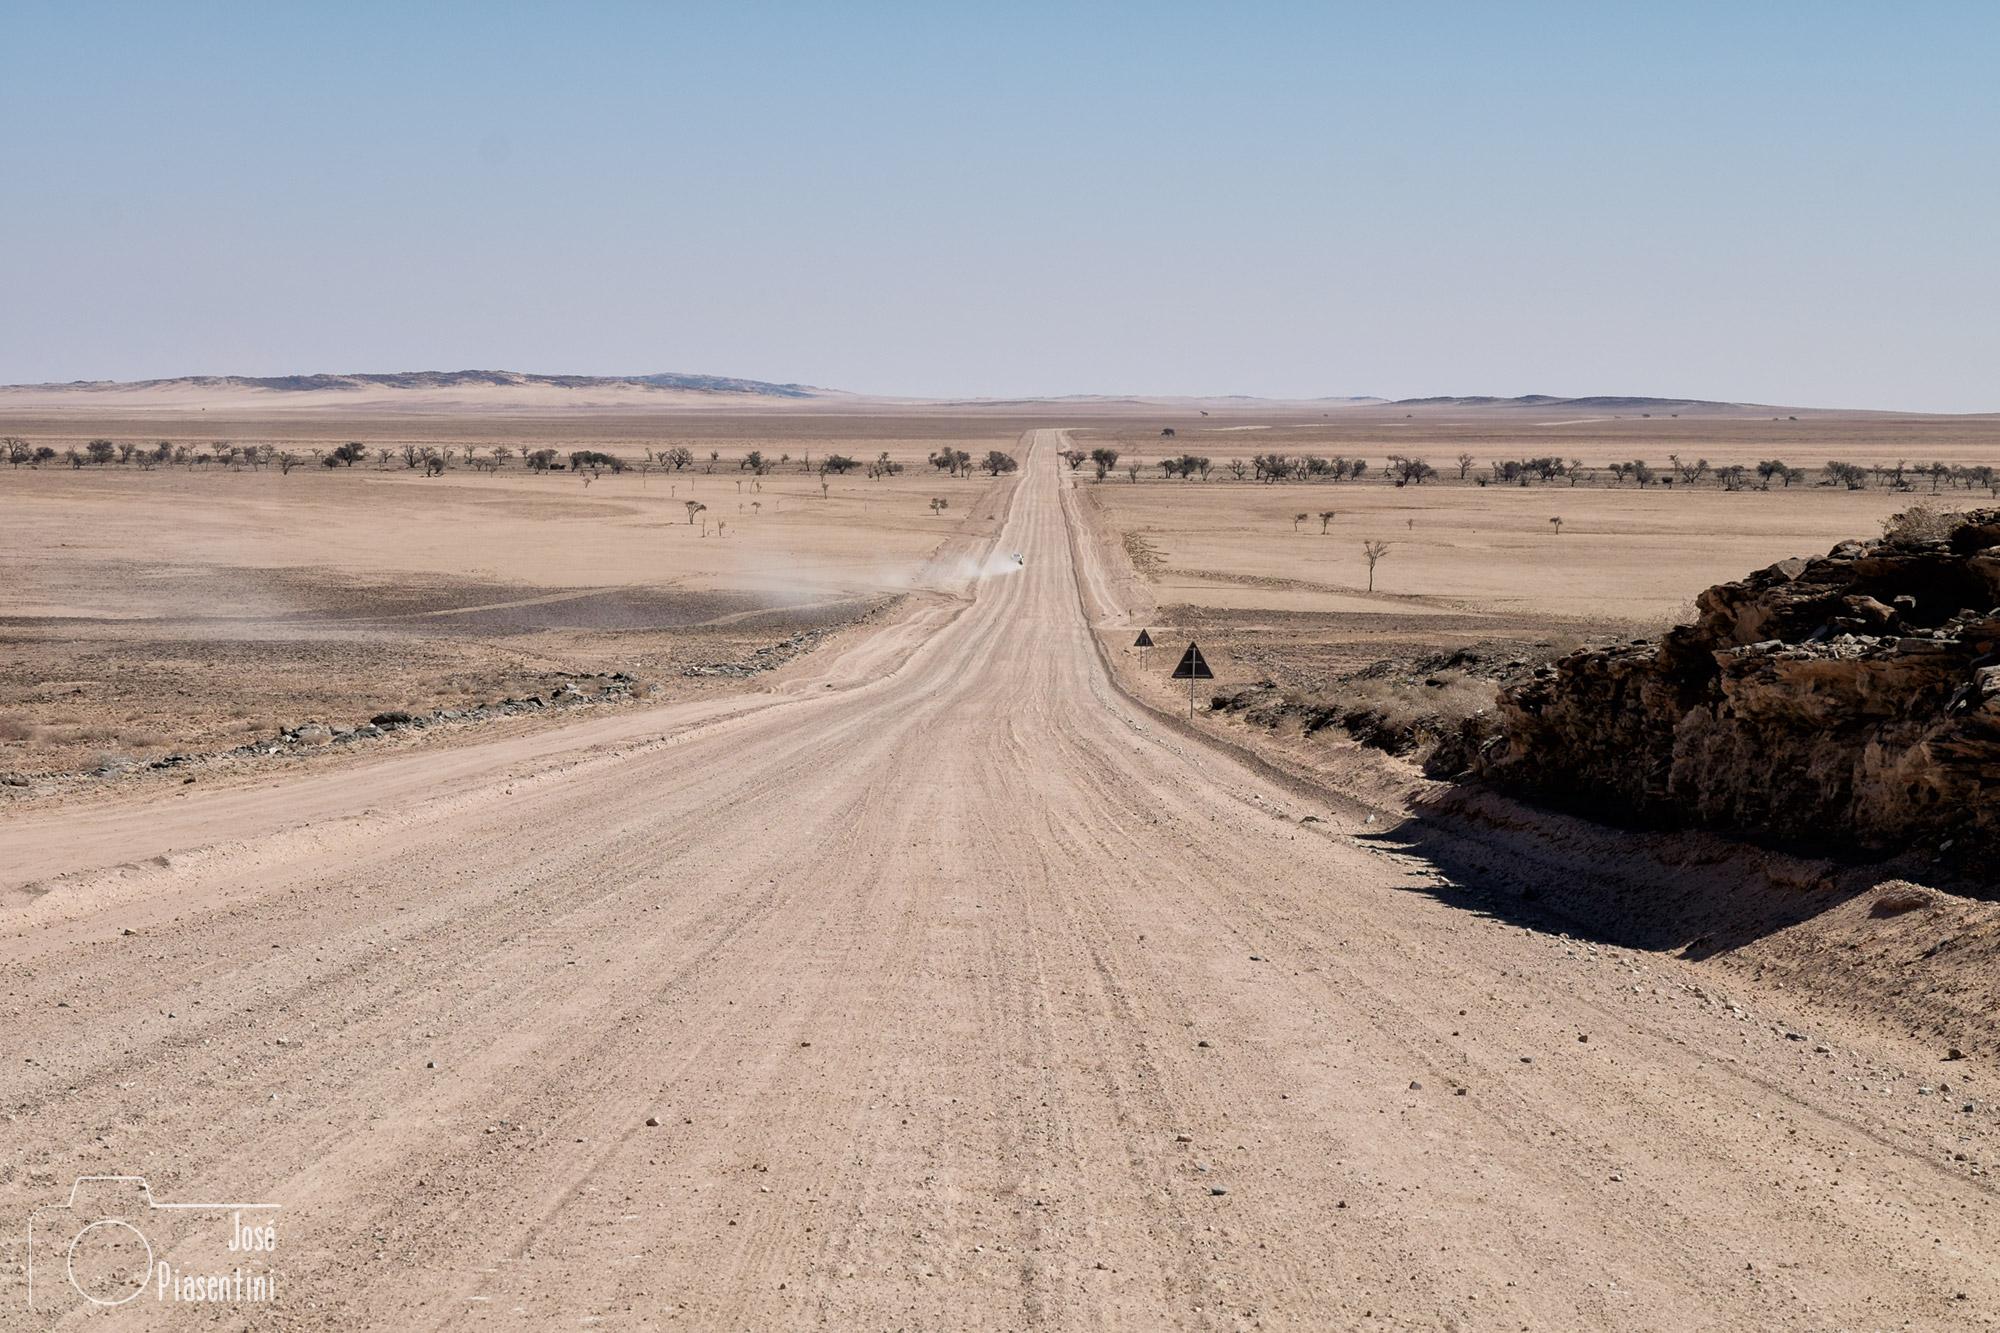 """Solitaire-Las carreteras en Namibia de grava están divididas en las """"C"""" y las """"D"""" y es imprescindible conducir con precaución"""